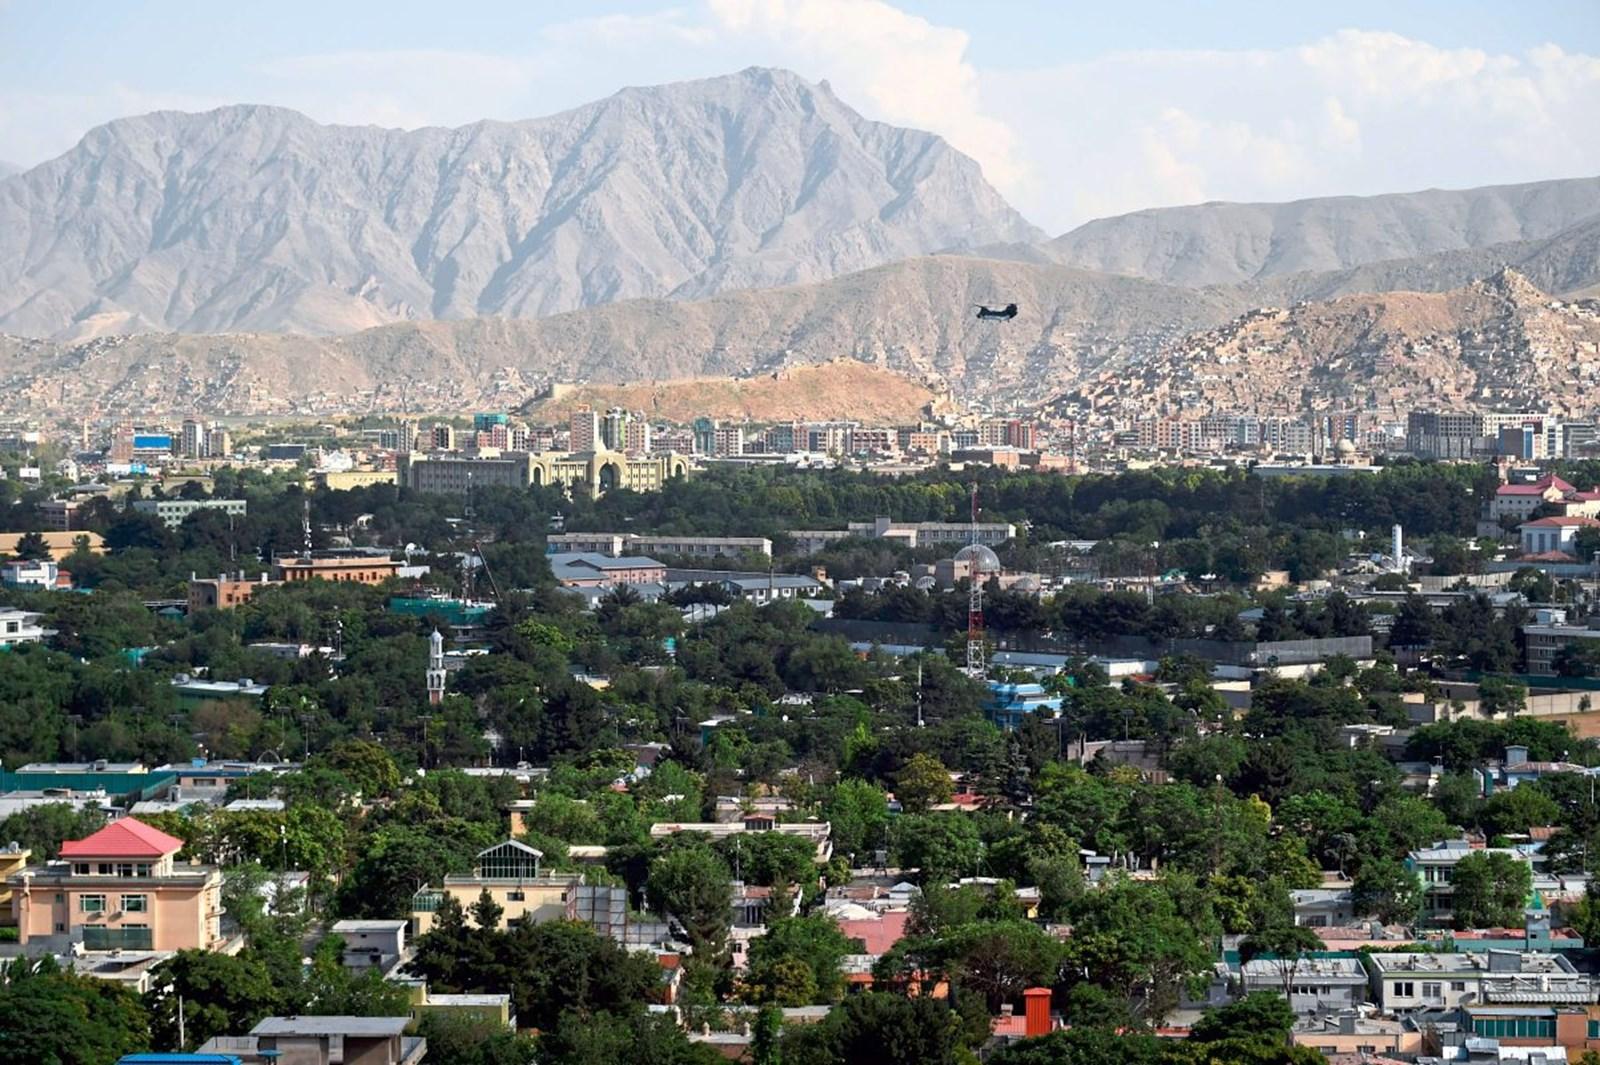 Mindestens zwei Tote bei Selbstmordanschlag auf Universität in Kabul